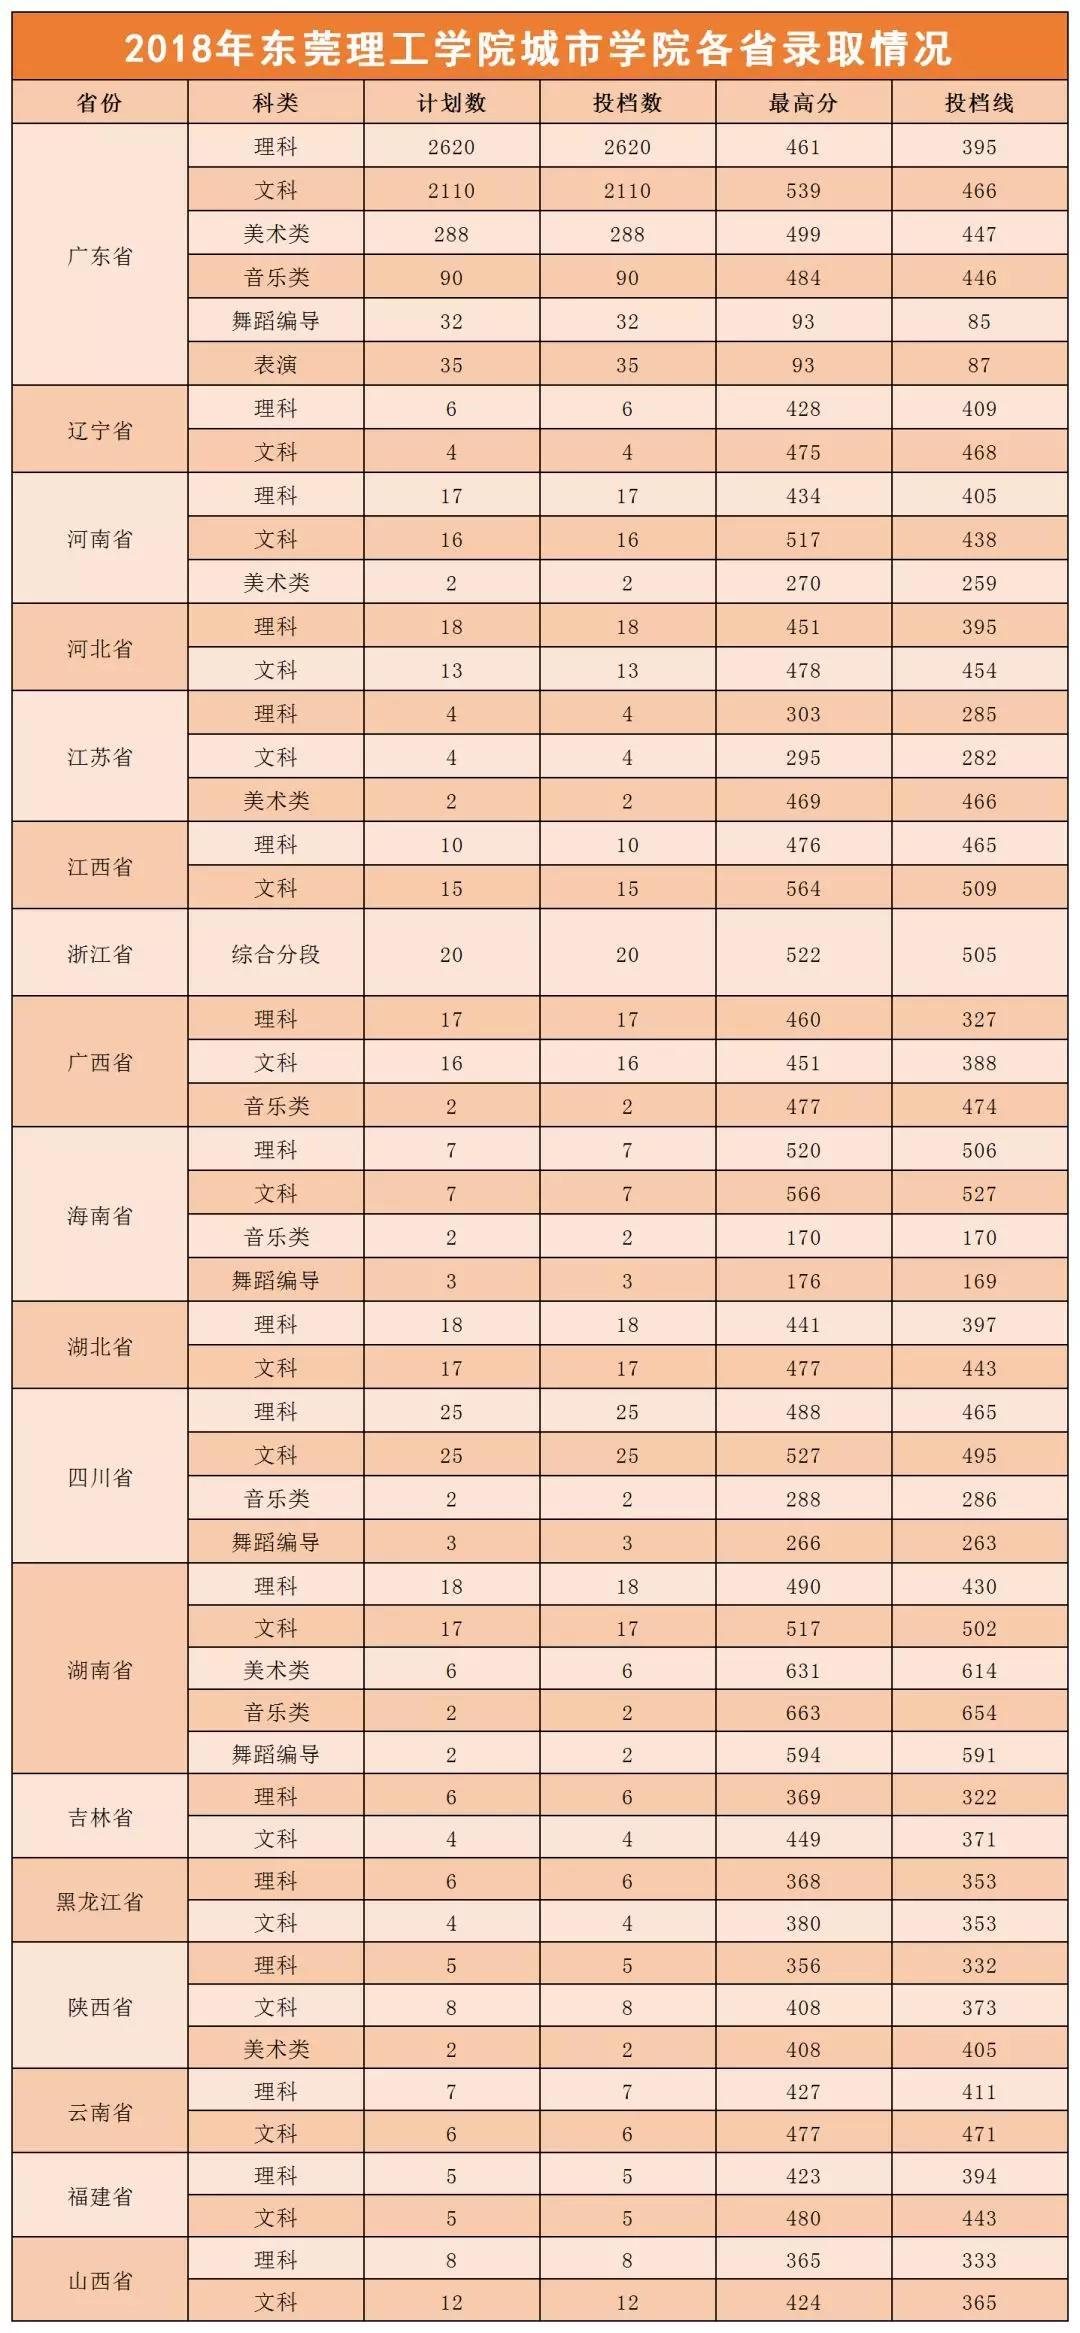 东莞理工学院城市学院2021年录取分数线统计(附2019-2020年历年分数线)